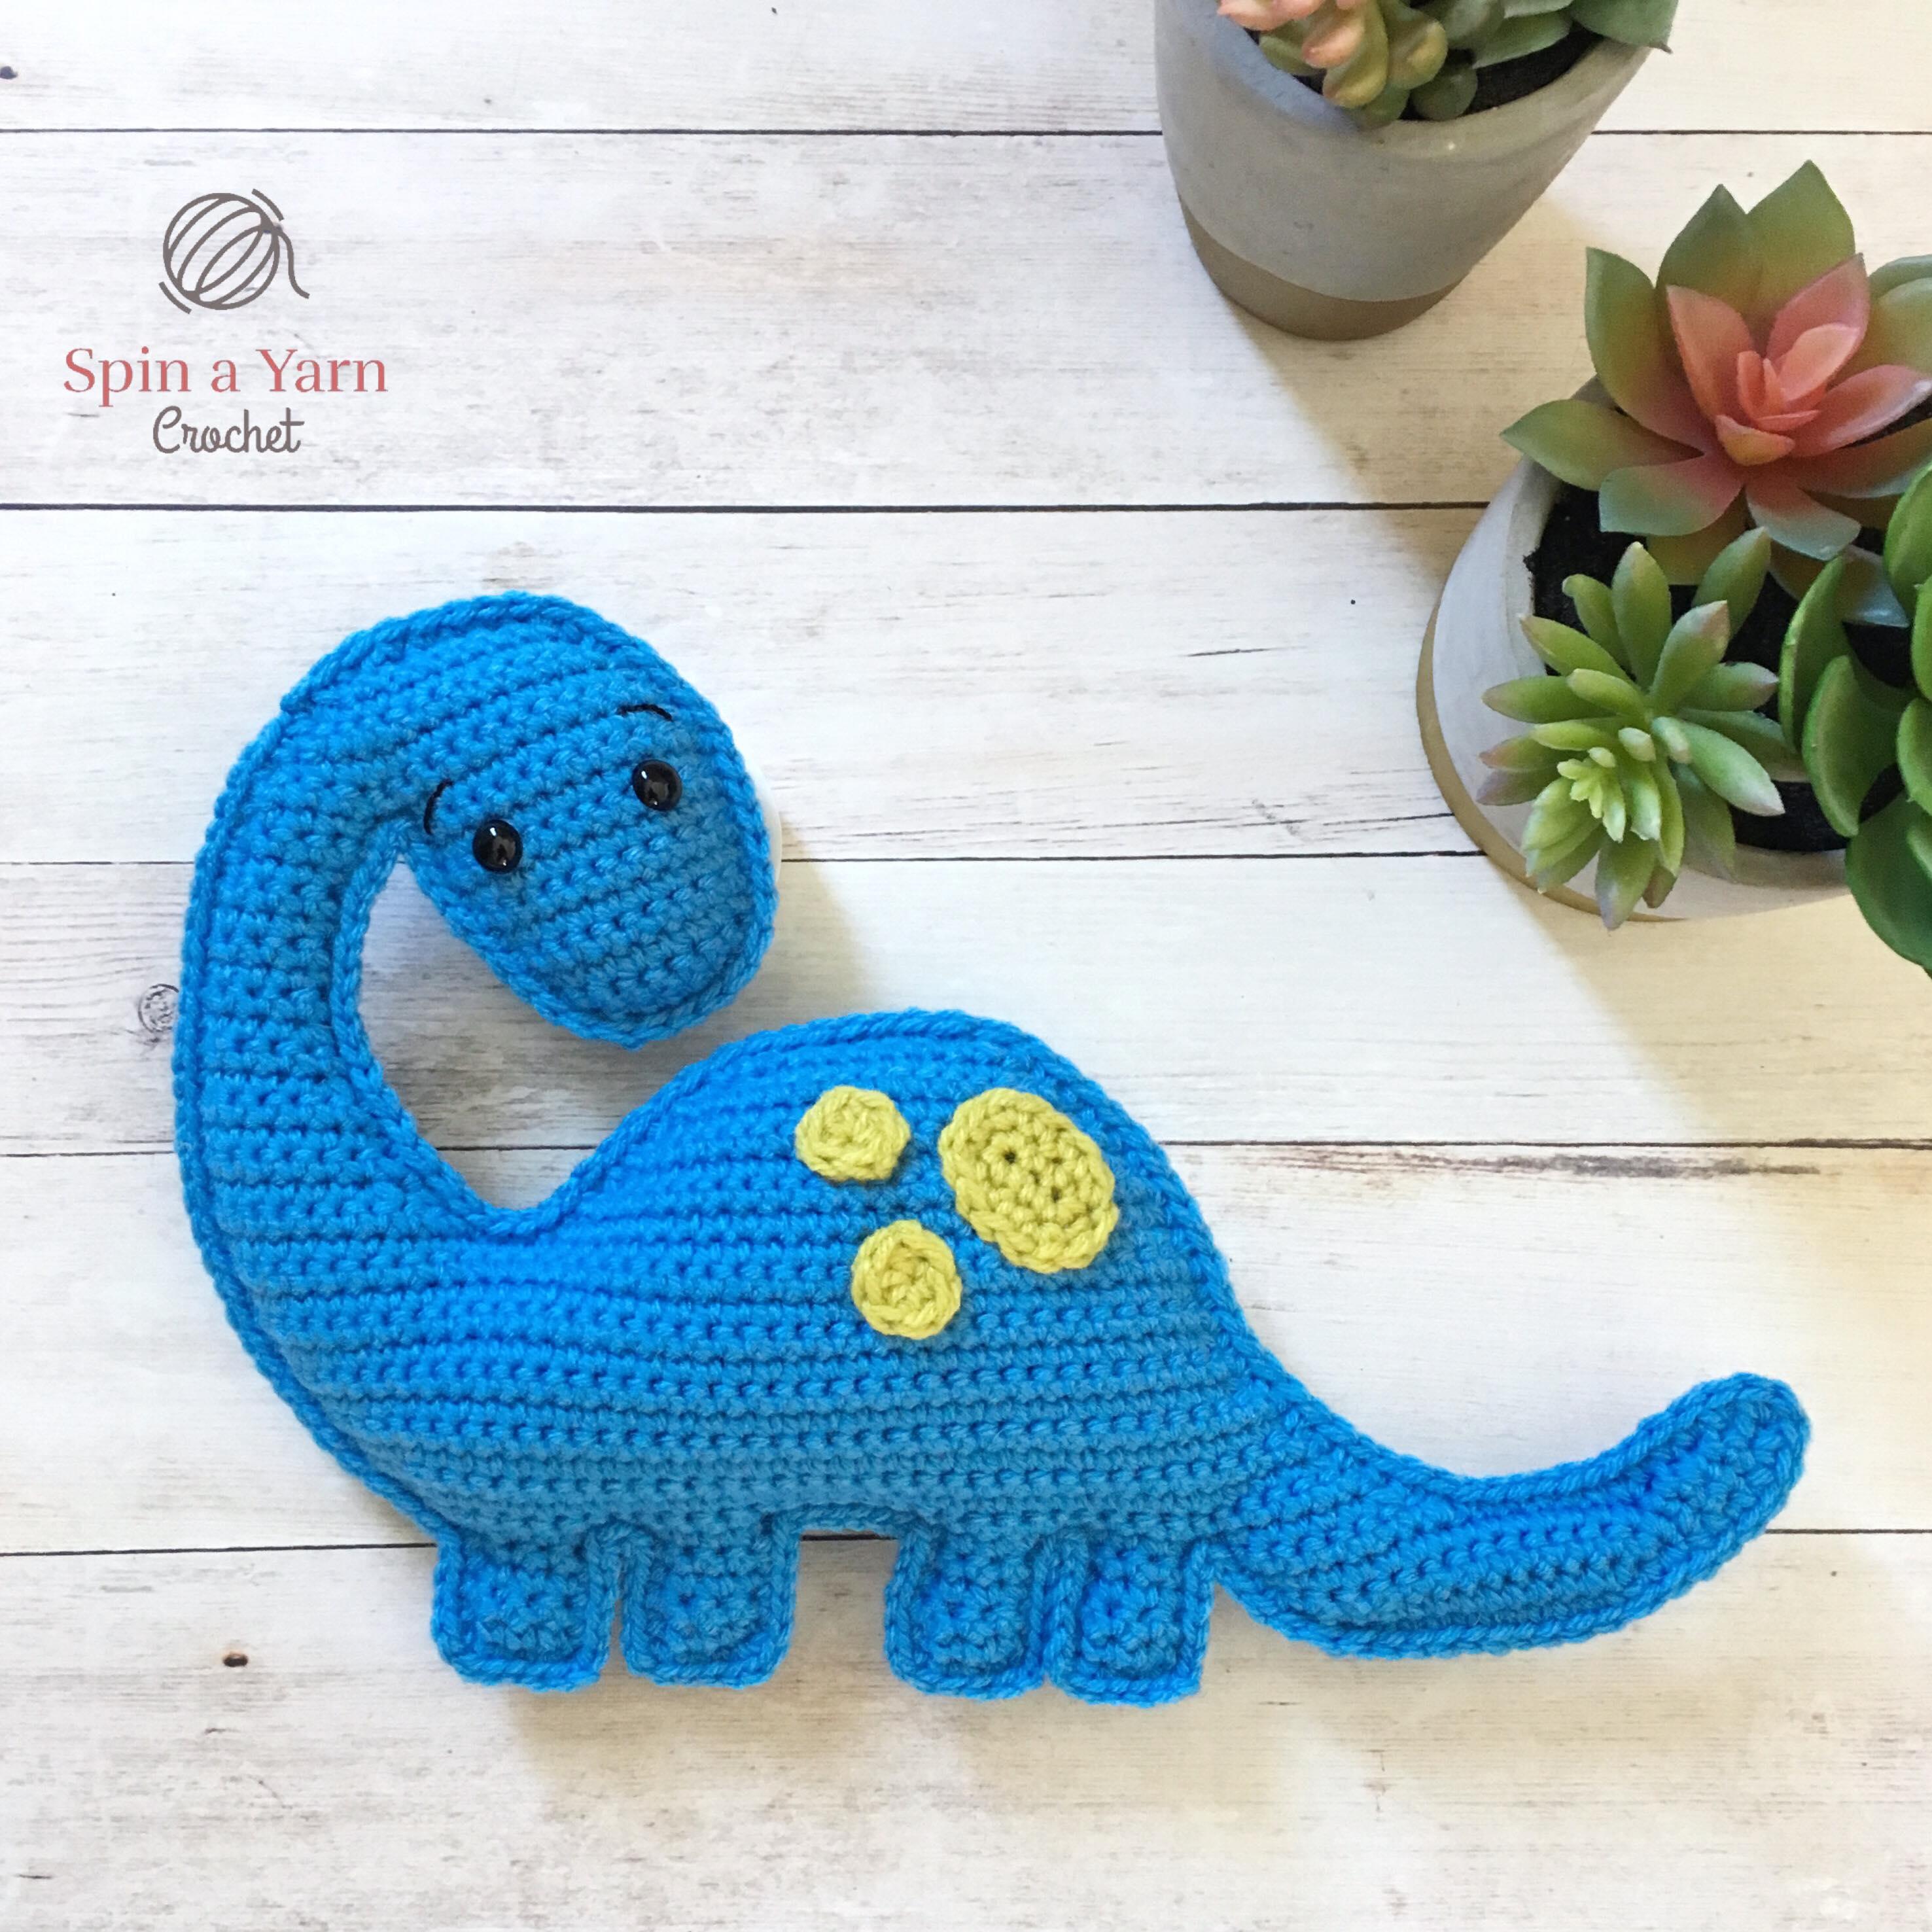 Brachioaurus Free Crochet Pattern • Spin a Yarn Crochet